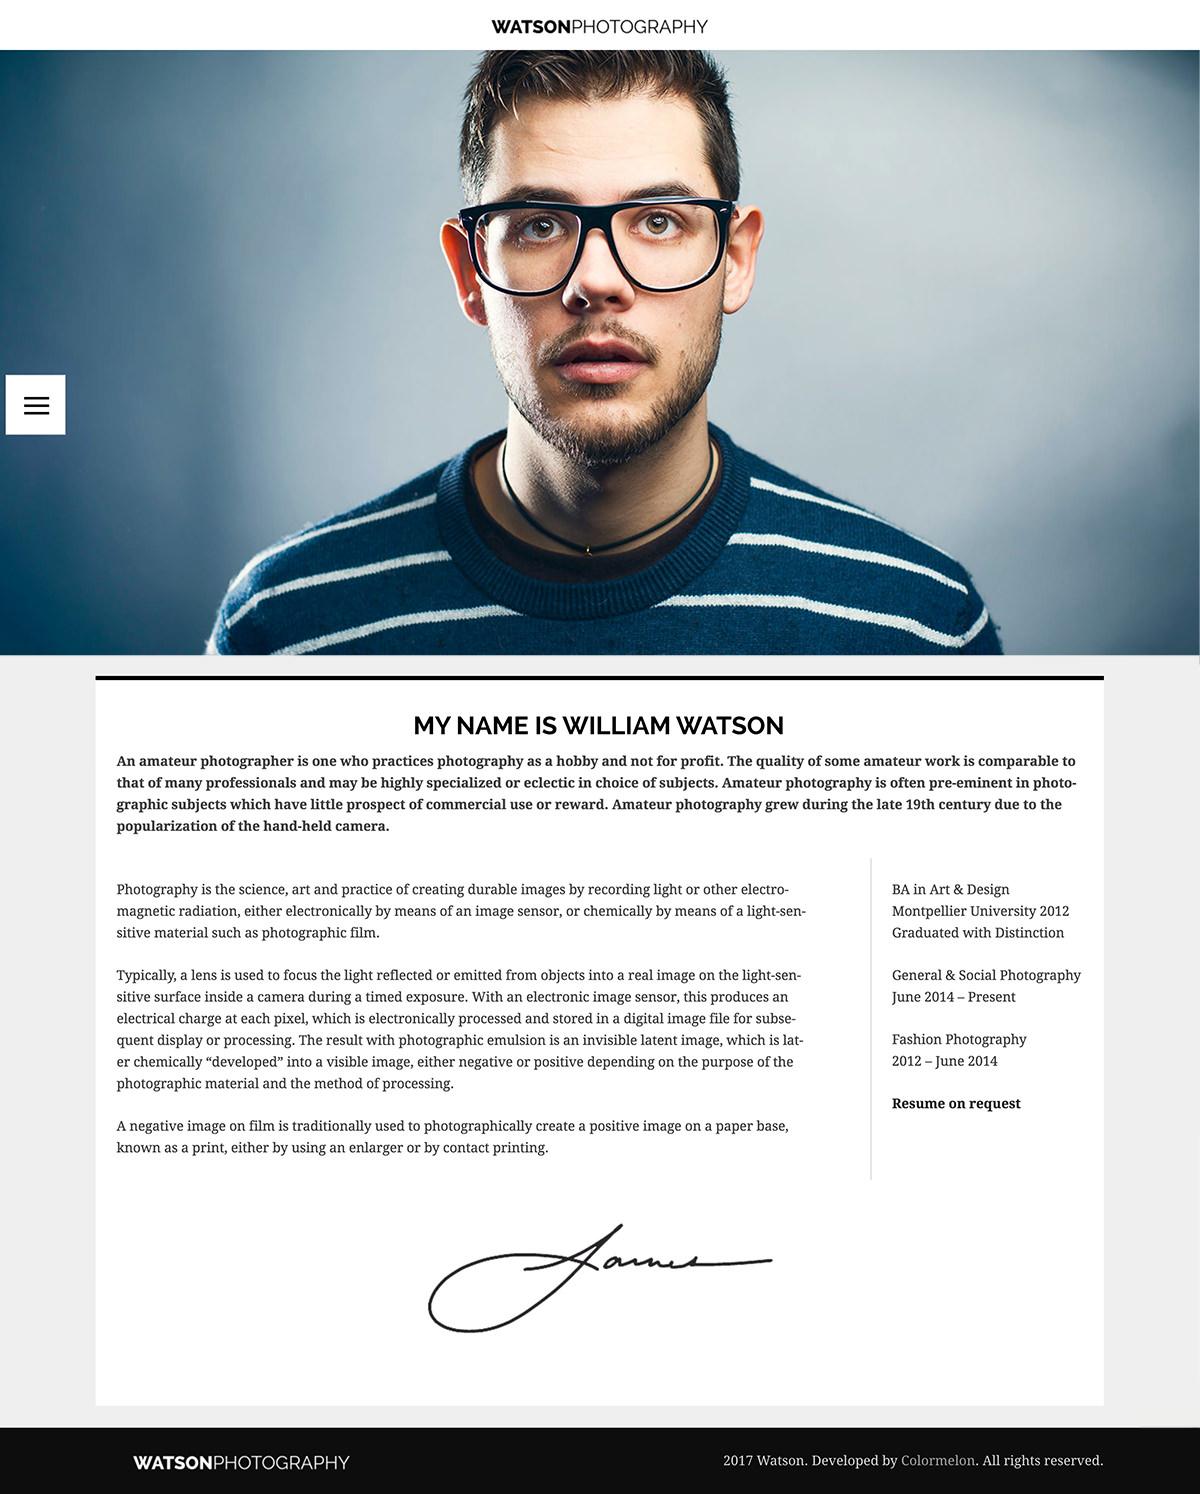 Watson WordPress theme - About Me page